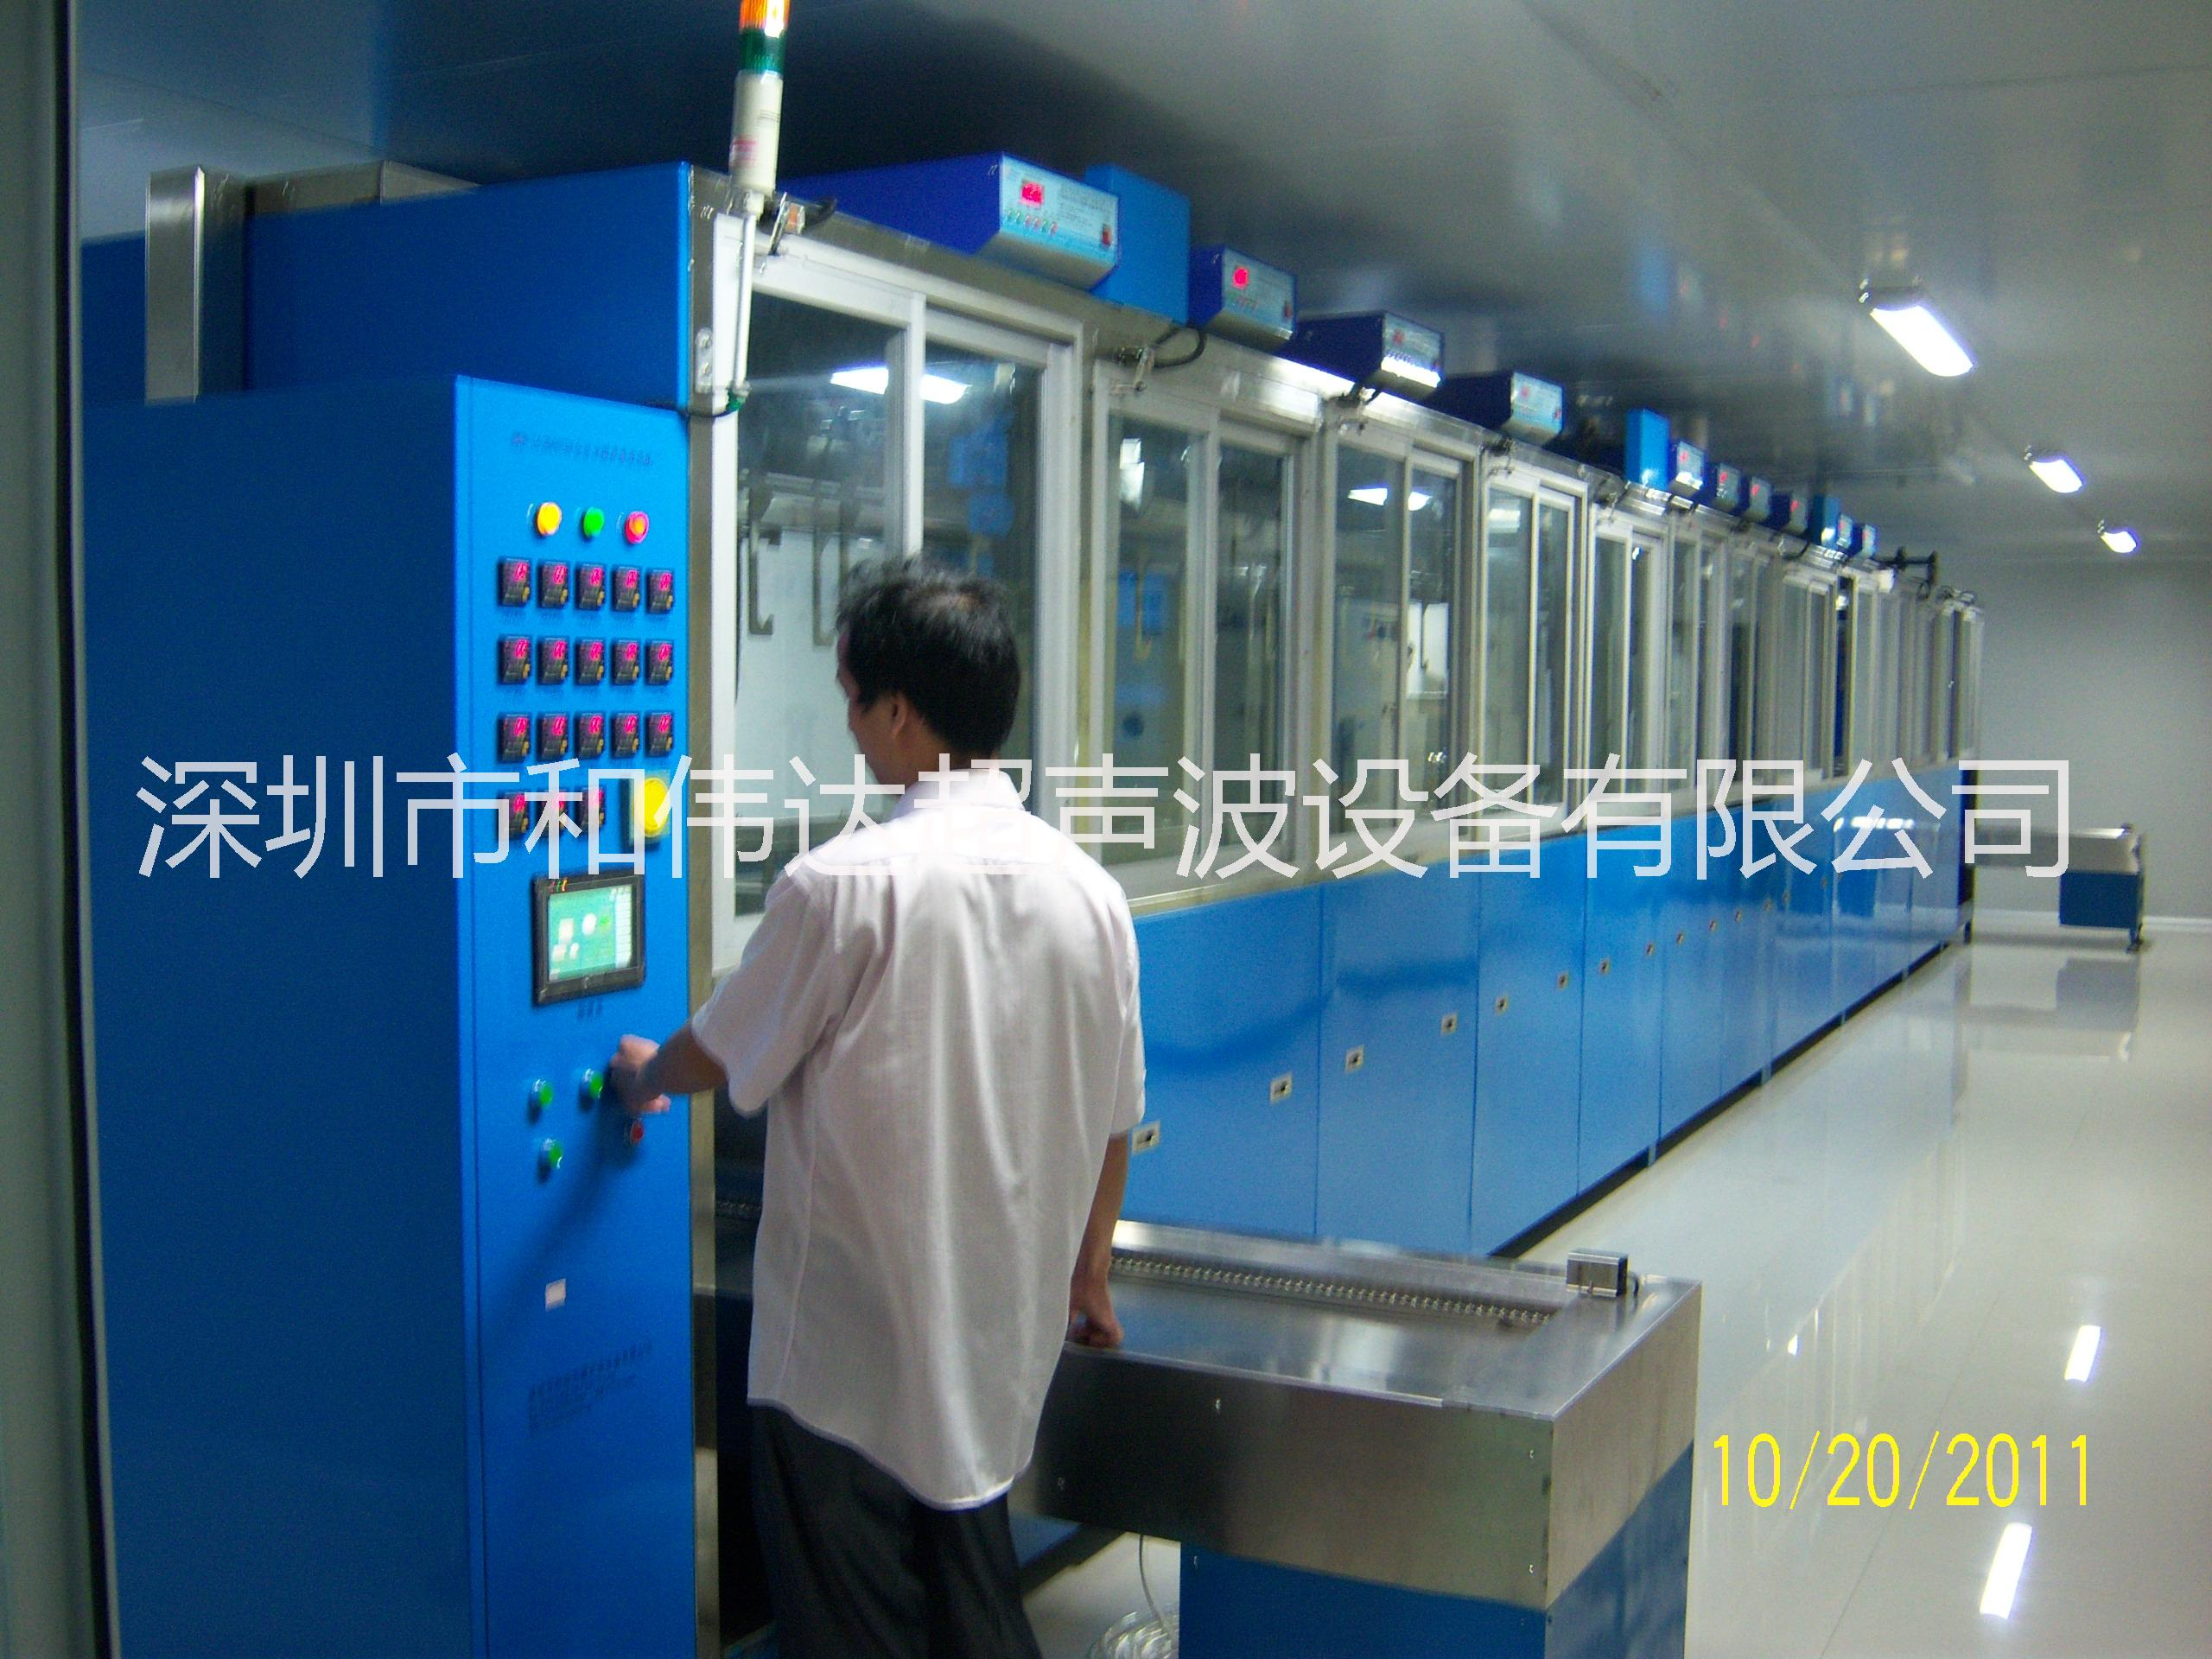 供应HWD-11222STGF全自动LCD/TFT液晶超声波清洗机干燥机厂家 液晶超声波清洗机